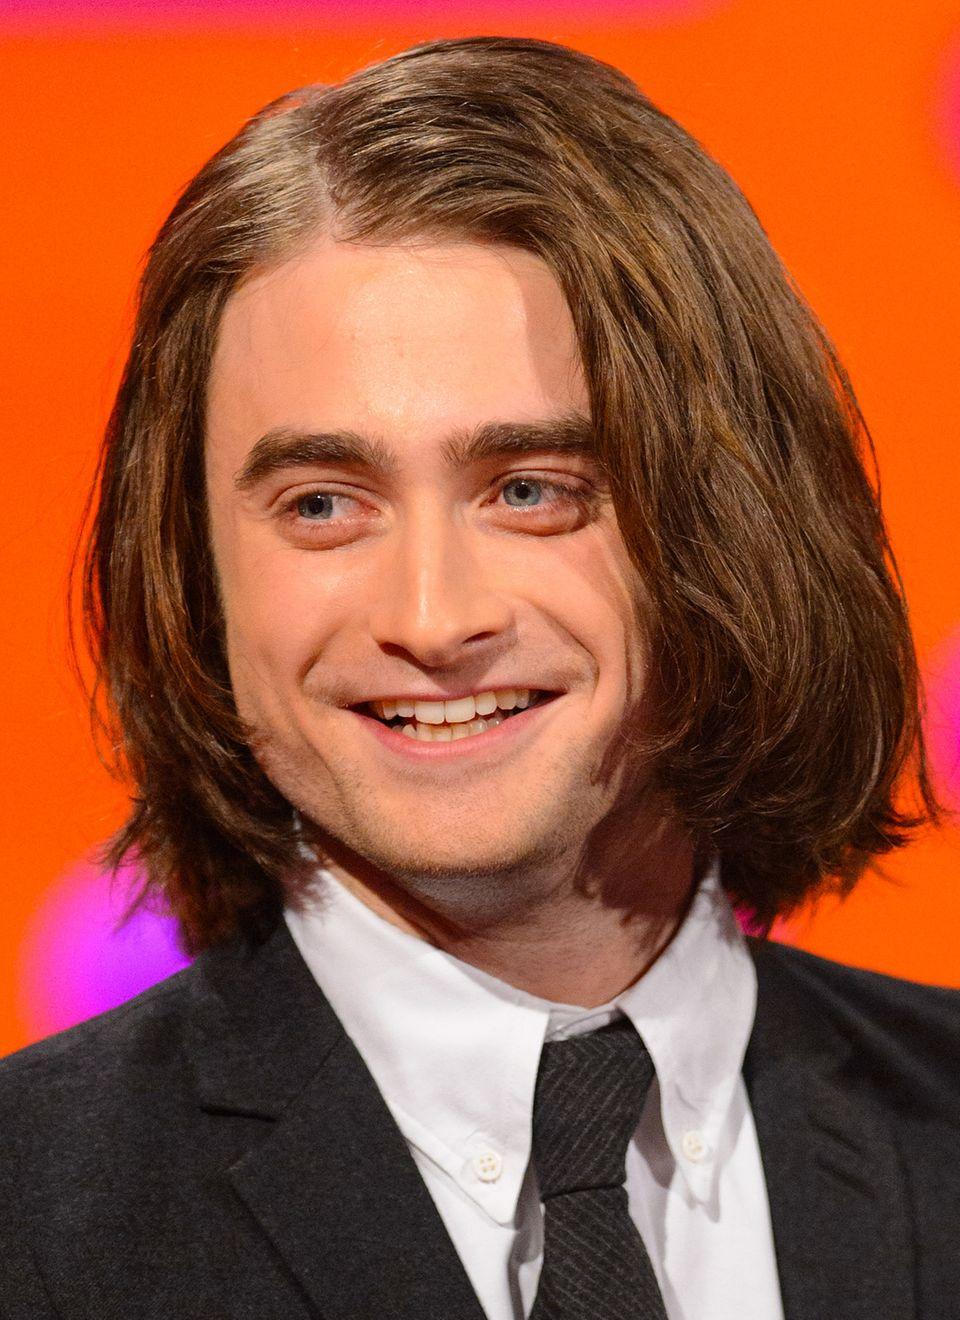 """Für seine Rolle als Igor in einer neuen """"Frankenstein""""-Verfilmung trägt Daniel Radcliffe jetzt einen kinnlangen Bob. Und da die Zeit zum Rauswachsenlassen fehlte, mussten eben Extensions herhalten."""